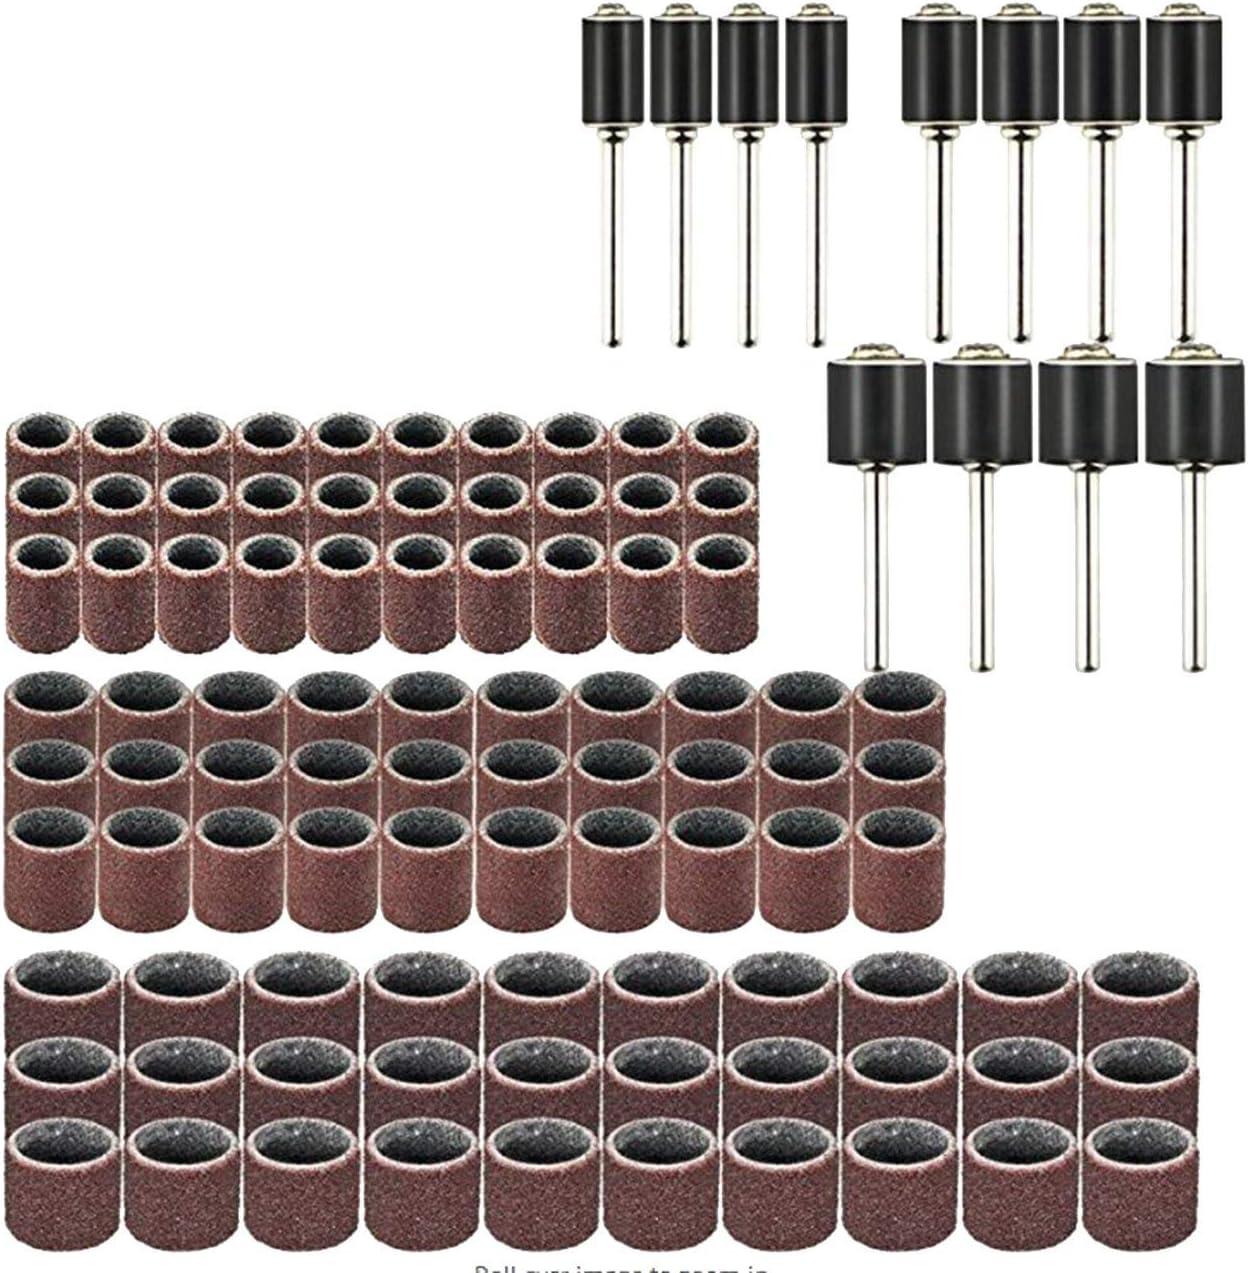 FYstar Juego de herramientas eléctricas rotativas de 102 piezas Mini taladro amoladora Kit de pulido Accesorios Bandas de lijado Mandriles de trabajo de madera (multicolor)